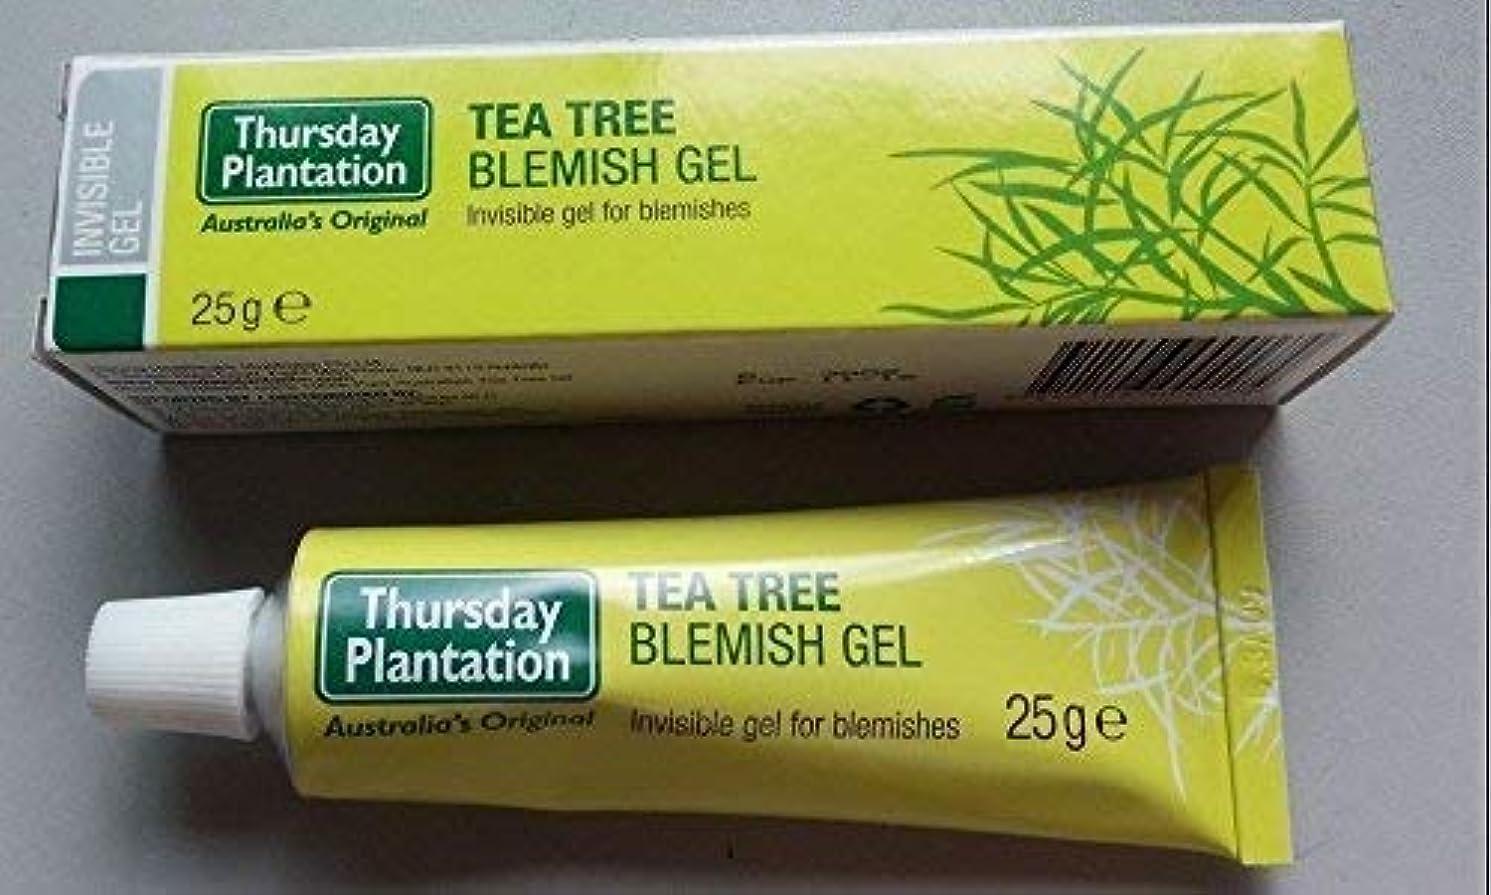 希少性クルーズ信頼性のあるPlantation Tea 木曜日メートルのツリー目に見えない汚れゲル25gのニキビ、吹き出物、にきび